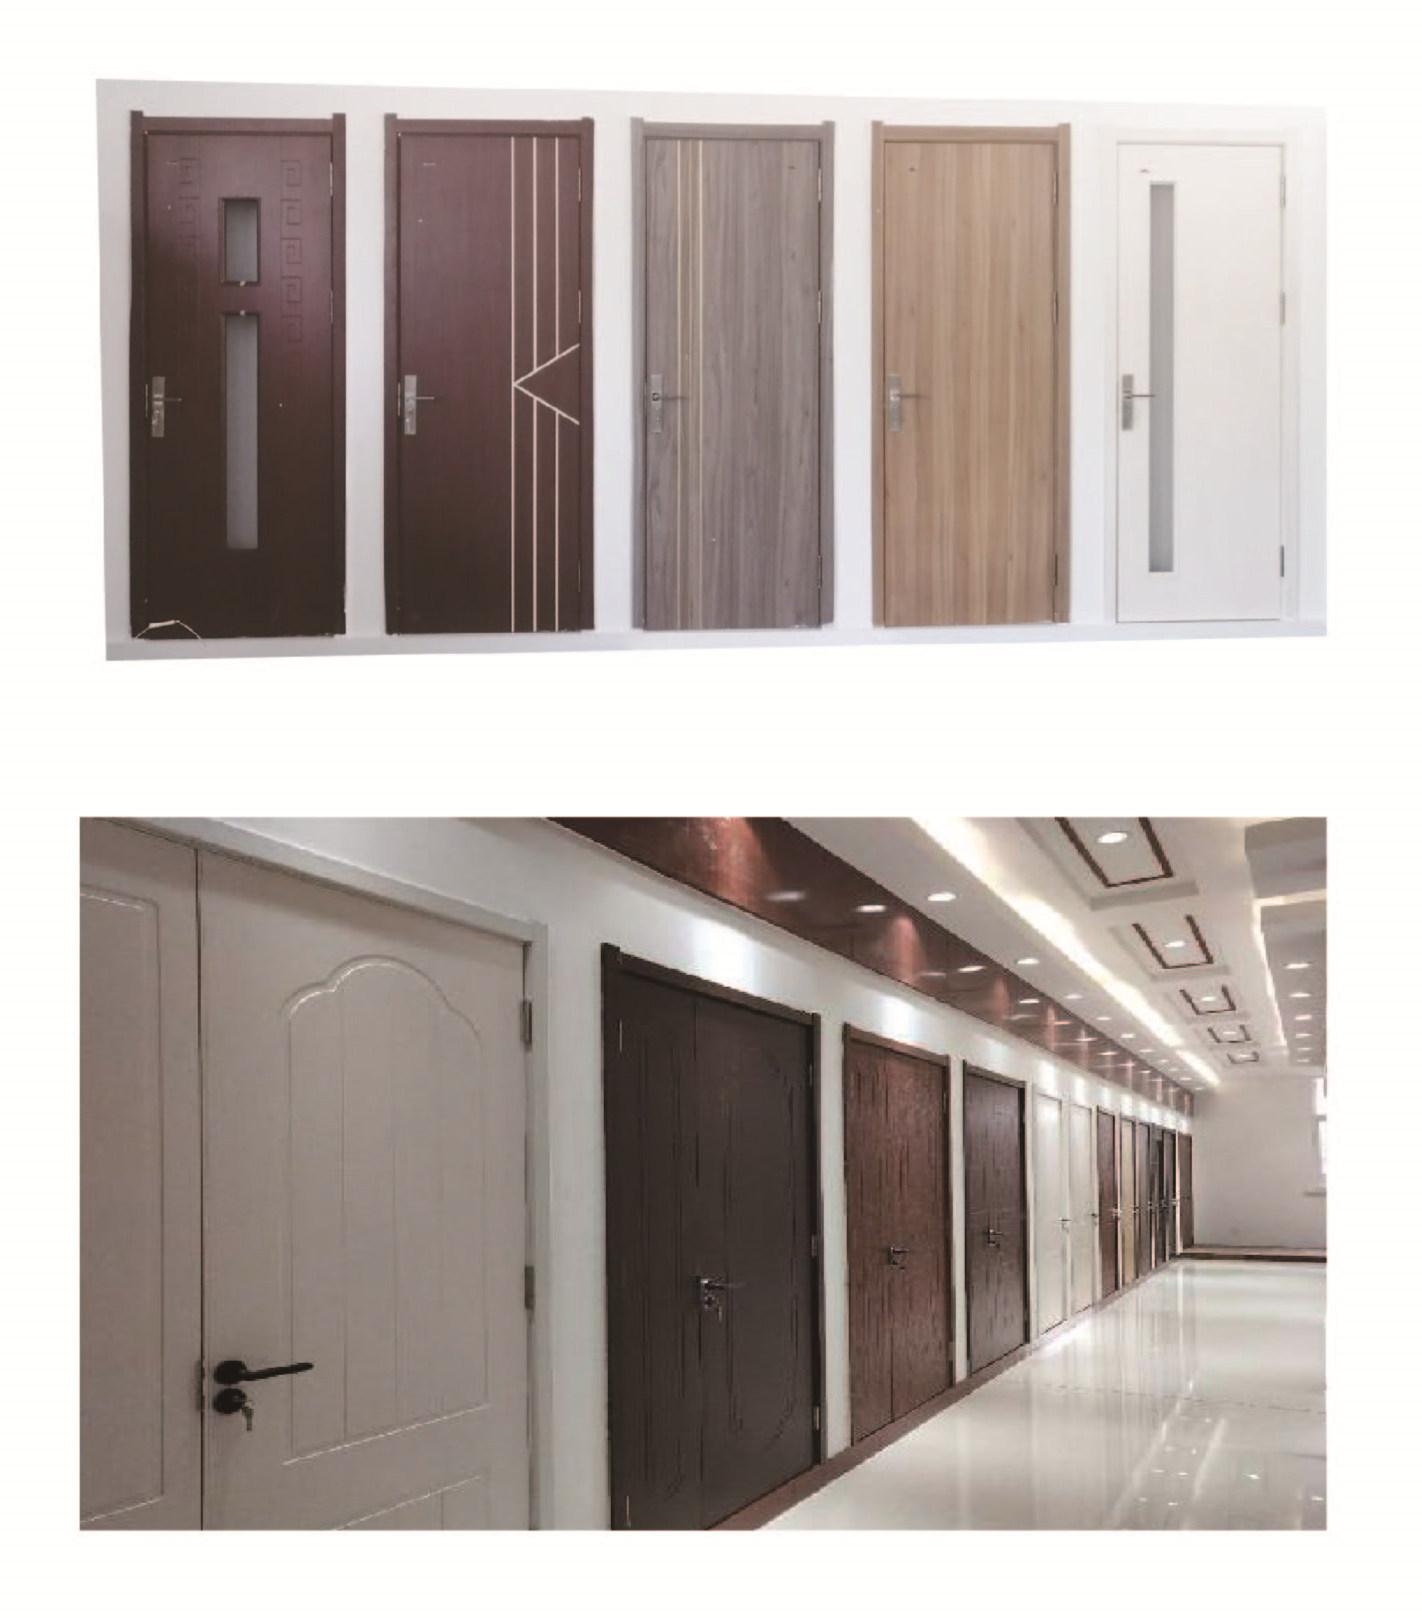 PVC WPC door application